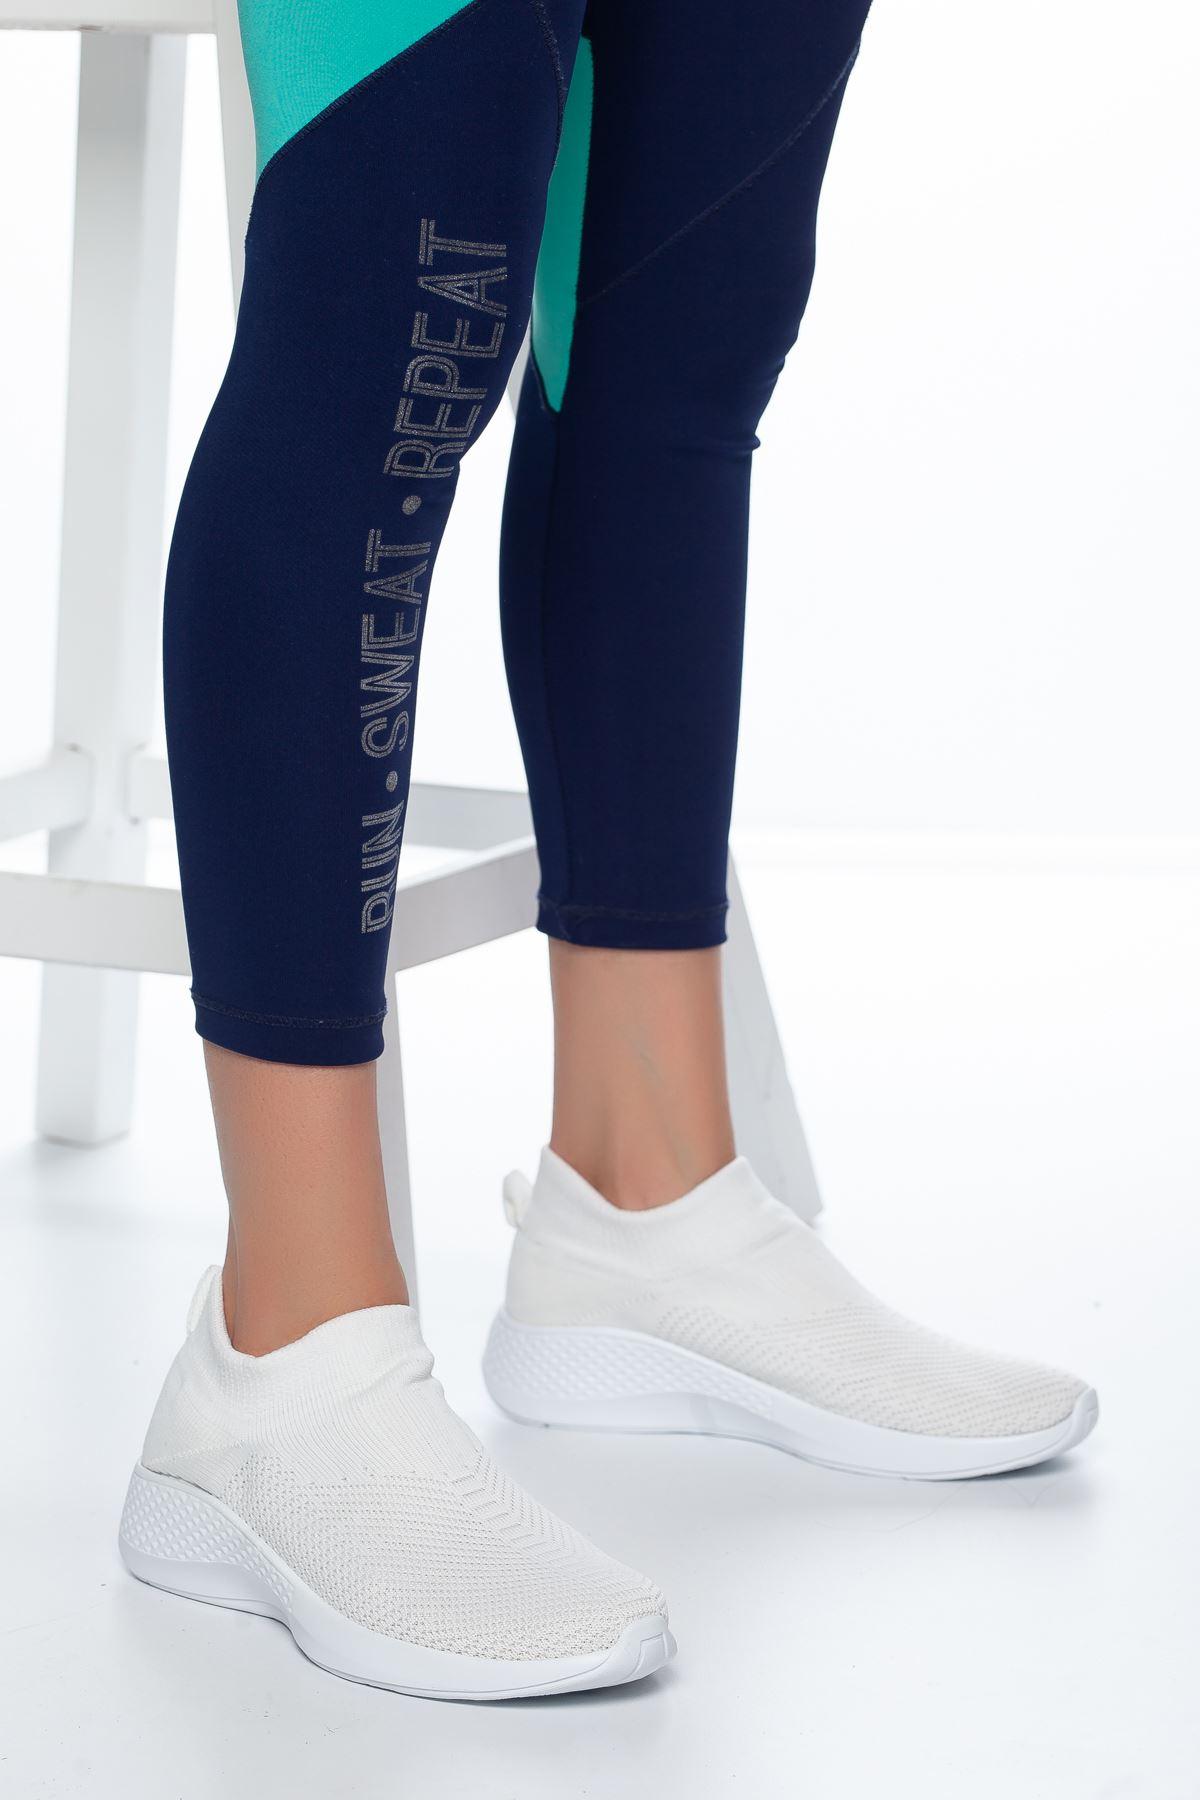 Nolan Lastikli Çorap Spor Beyaz